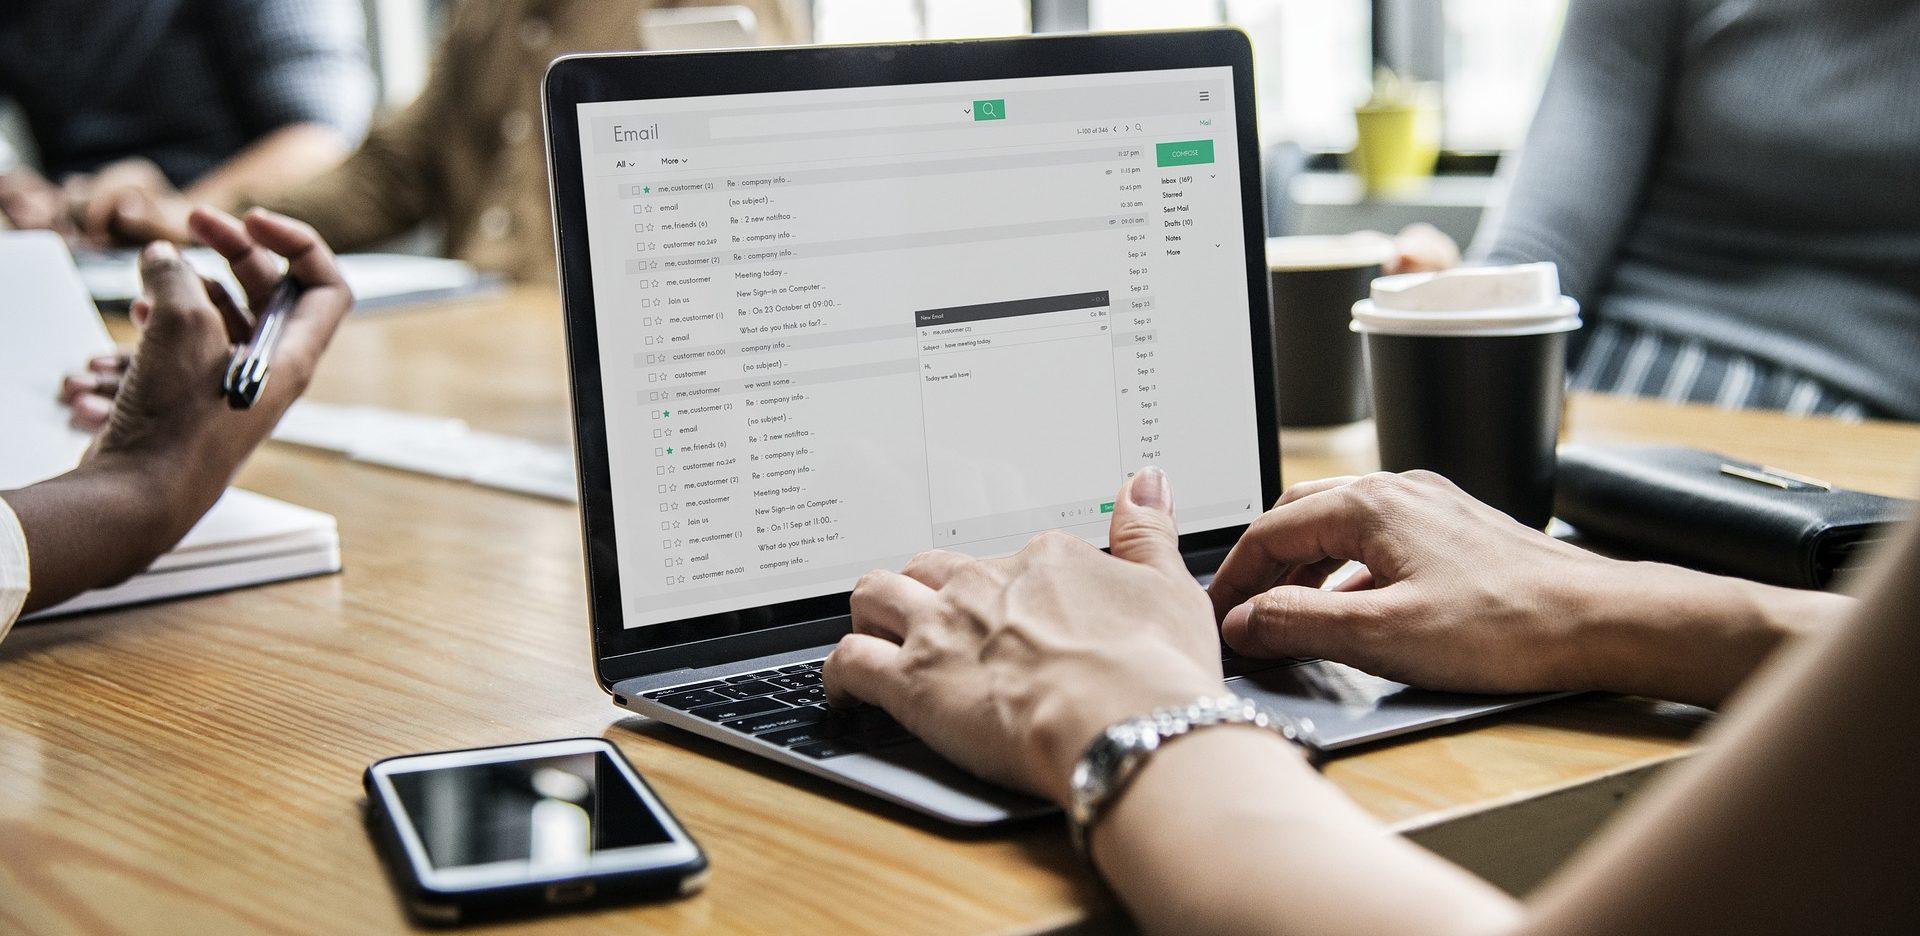 Arbeitsumfeld und Motivation der Mitarbeiter: Entscheidend sind etwa das soziale Umfeld und Ressourcen wie die technische Ausrüstung